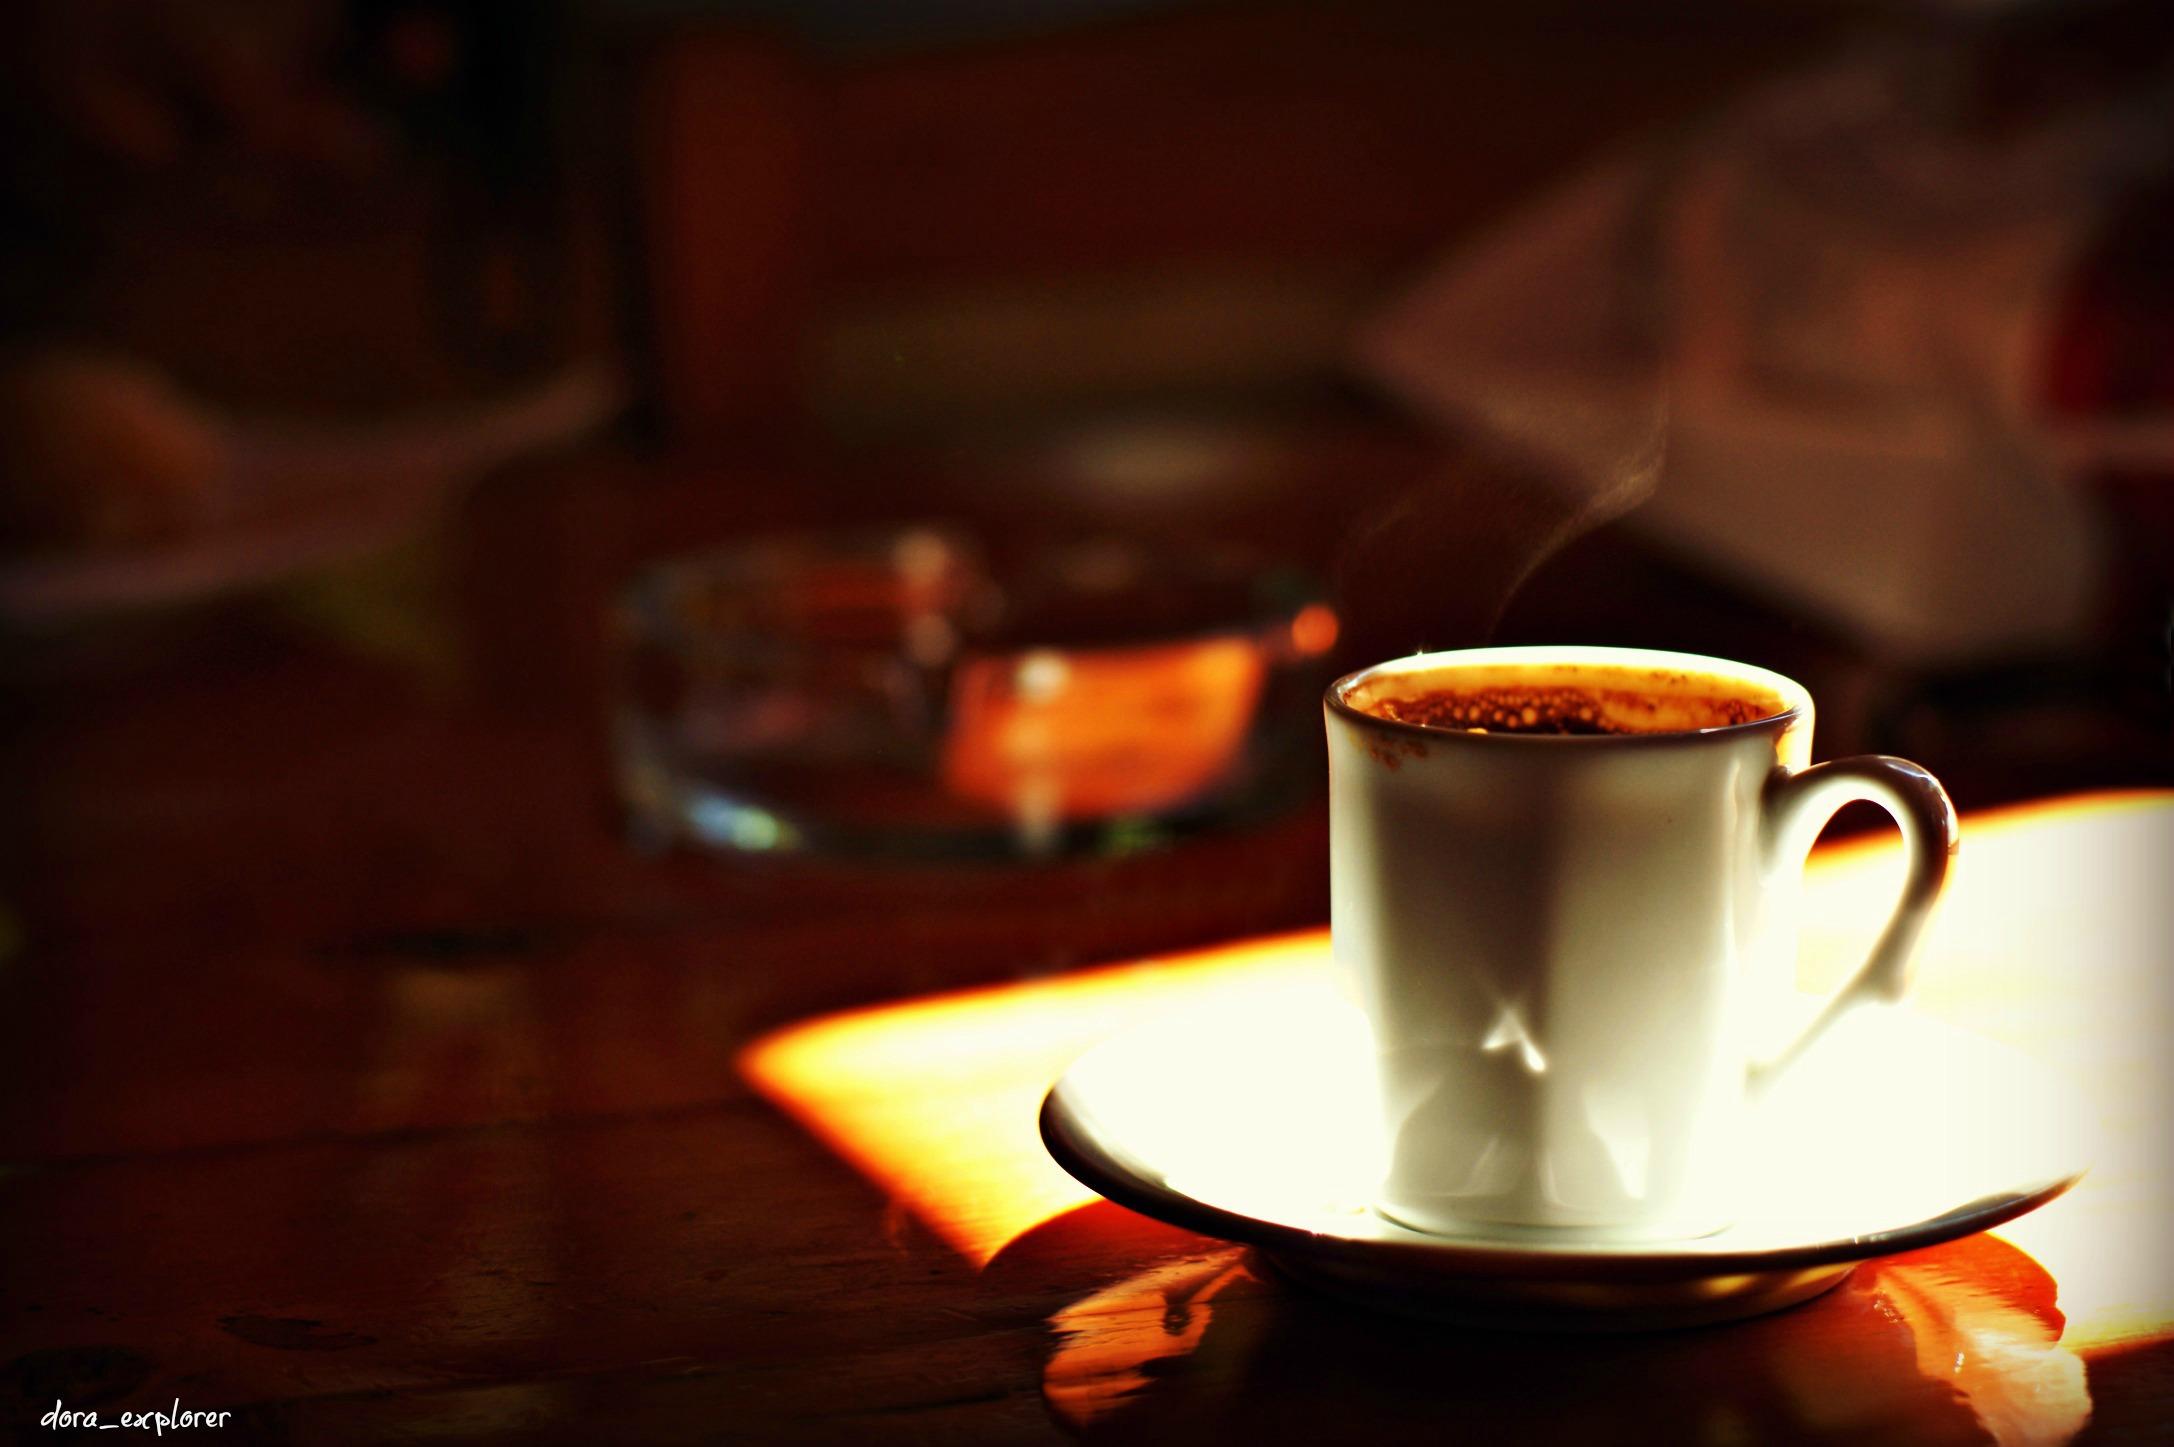 фото кофе ночью в кафе ценится стране вкуснейшее